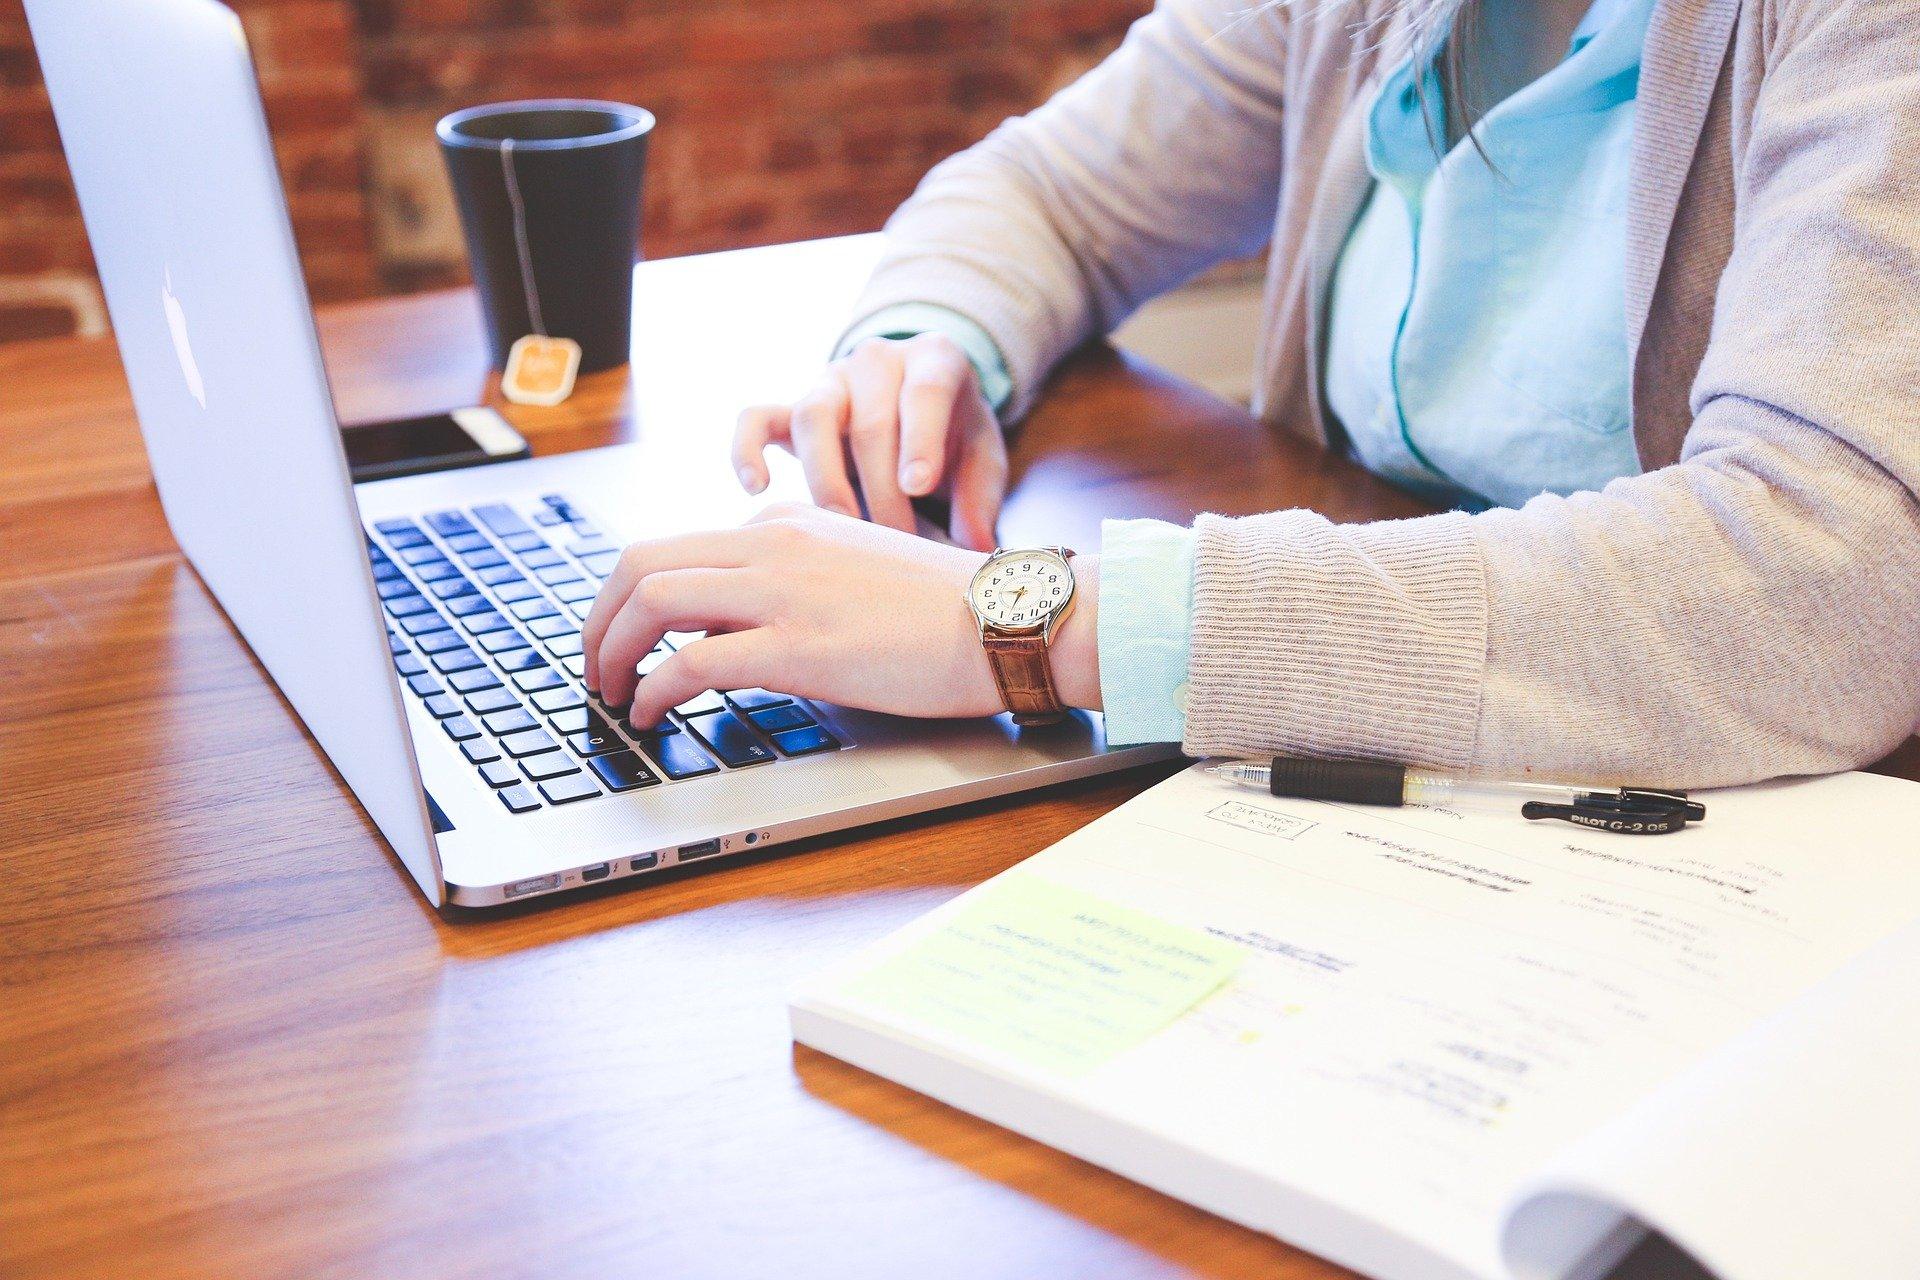 Sekret Twojego sukcesu - skuteczne CV - Zdjęcie główne